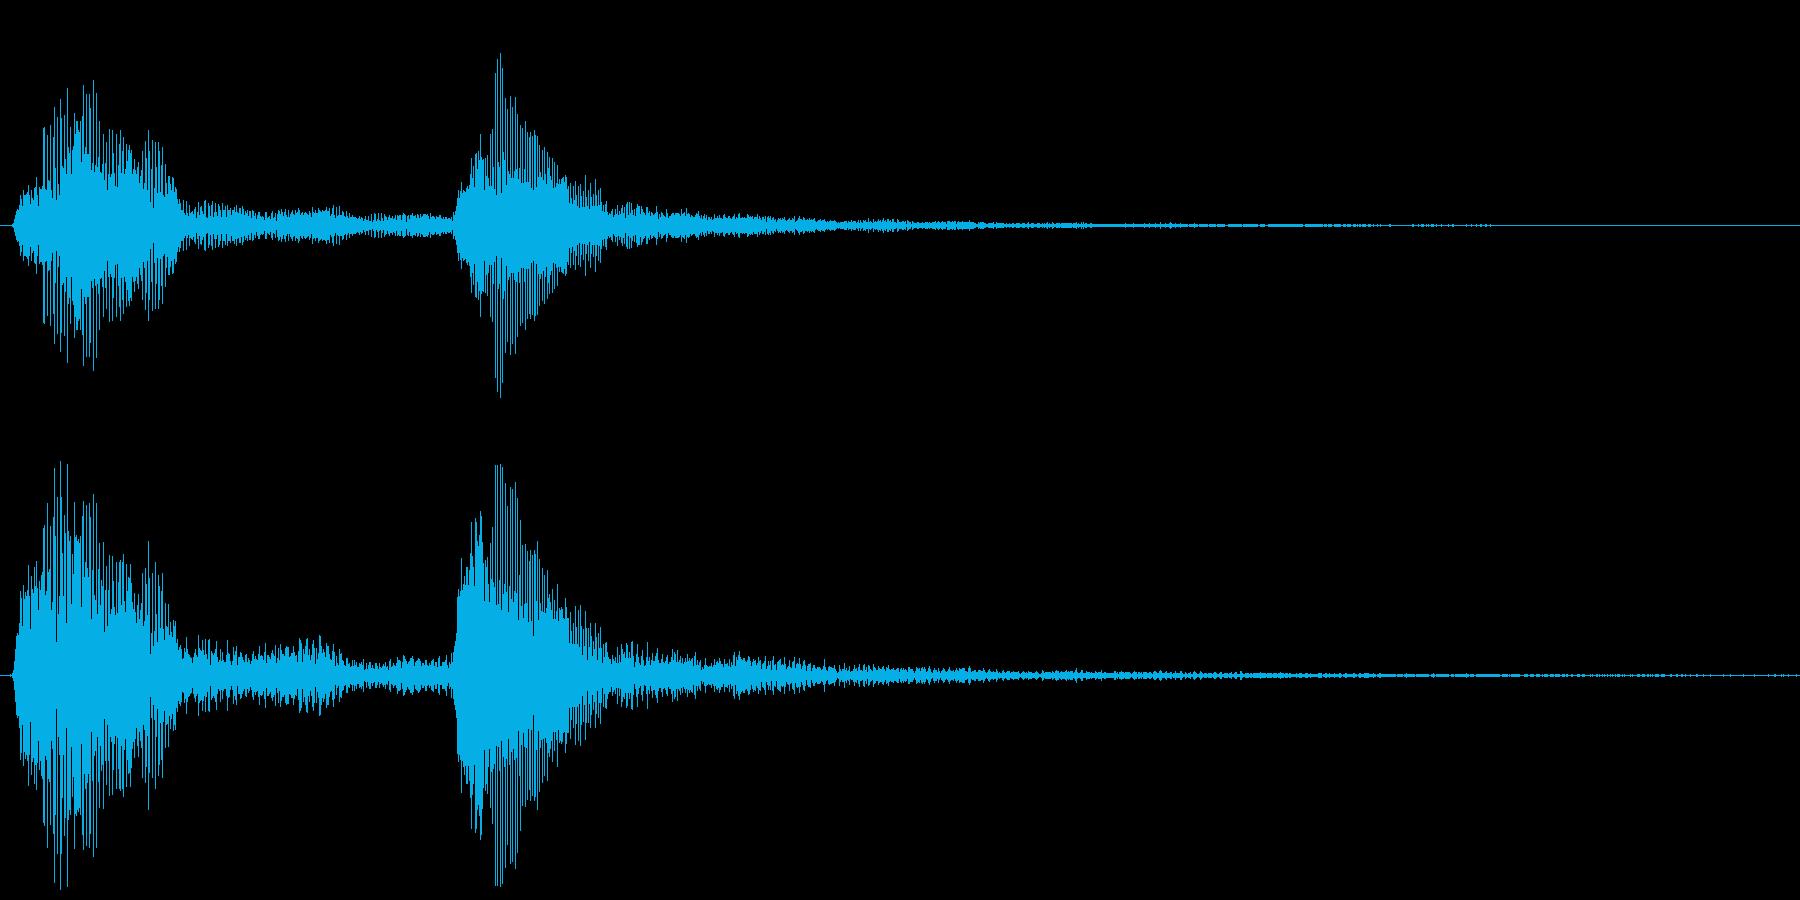 チャンチャン・オチの音(中)の再生済みの波形